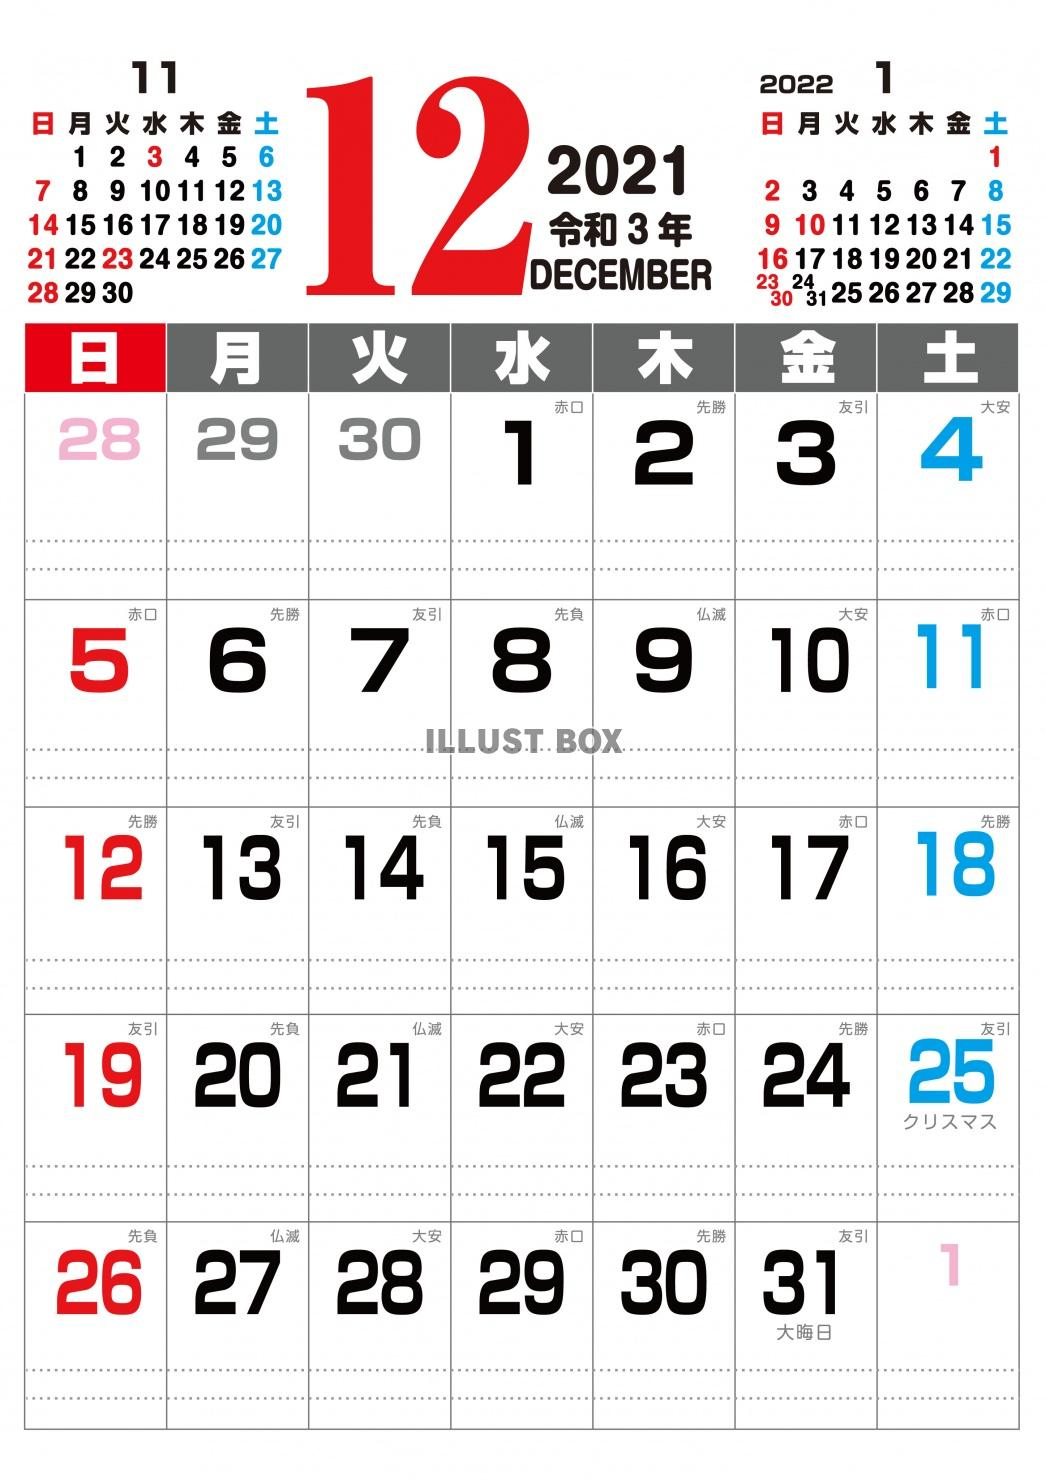 カレンダー 2021 大安 年